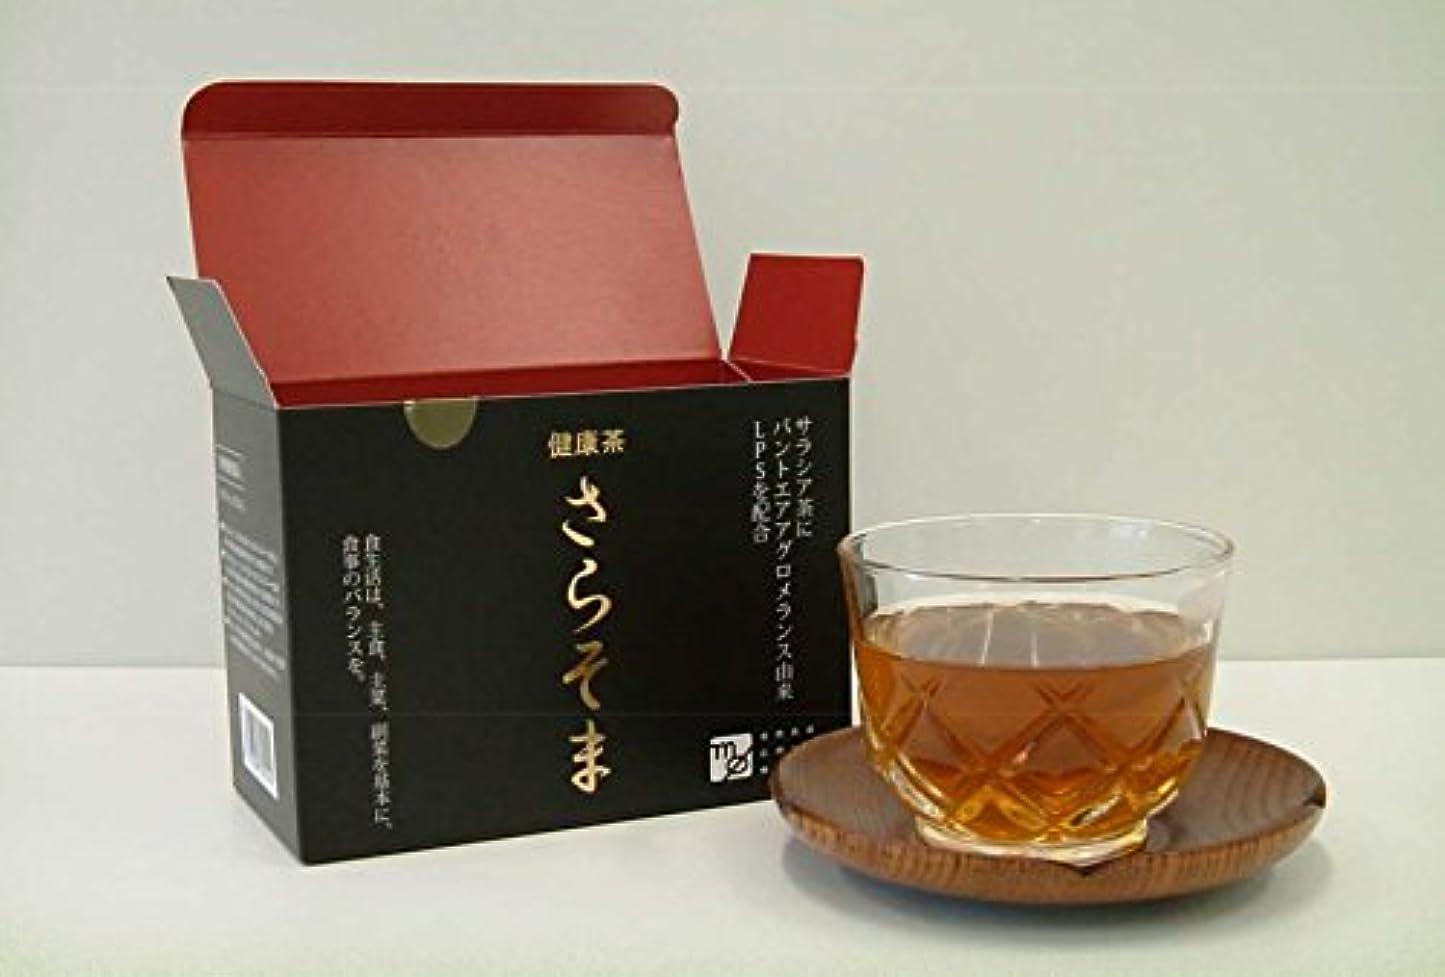 賭け苗有名人健康茶さらそま 旧サラソマ茶